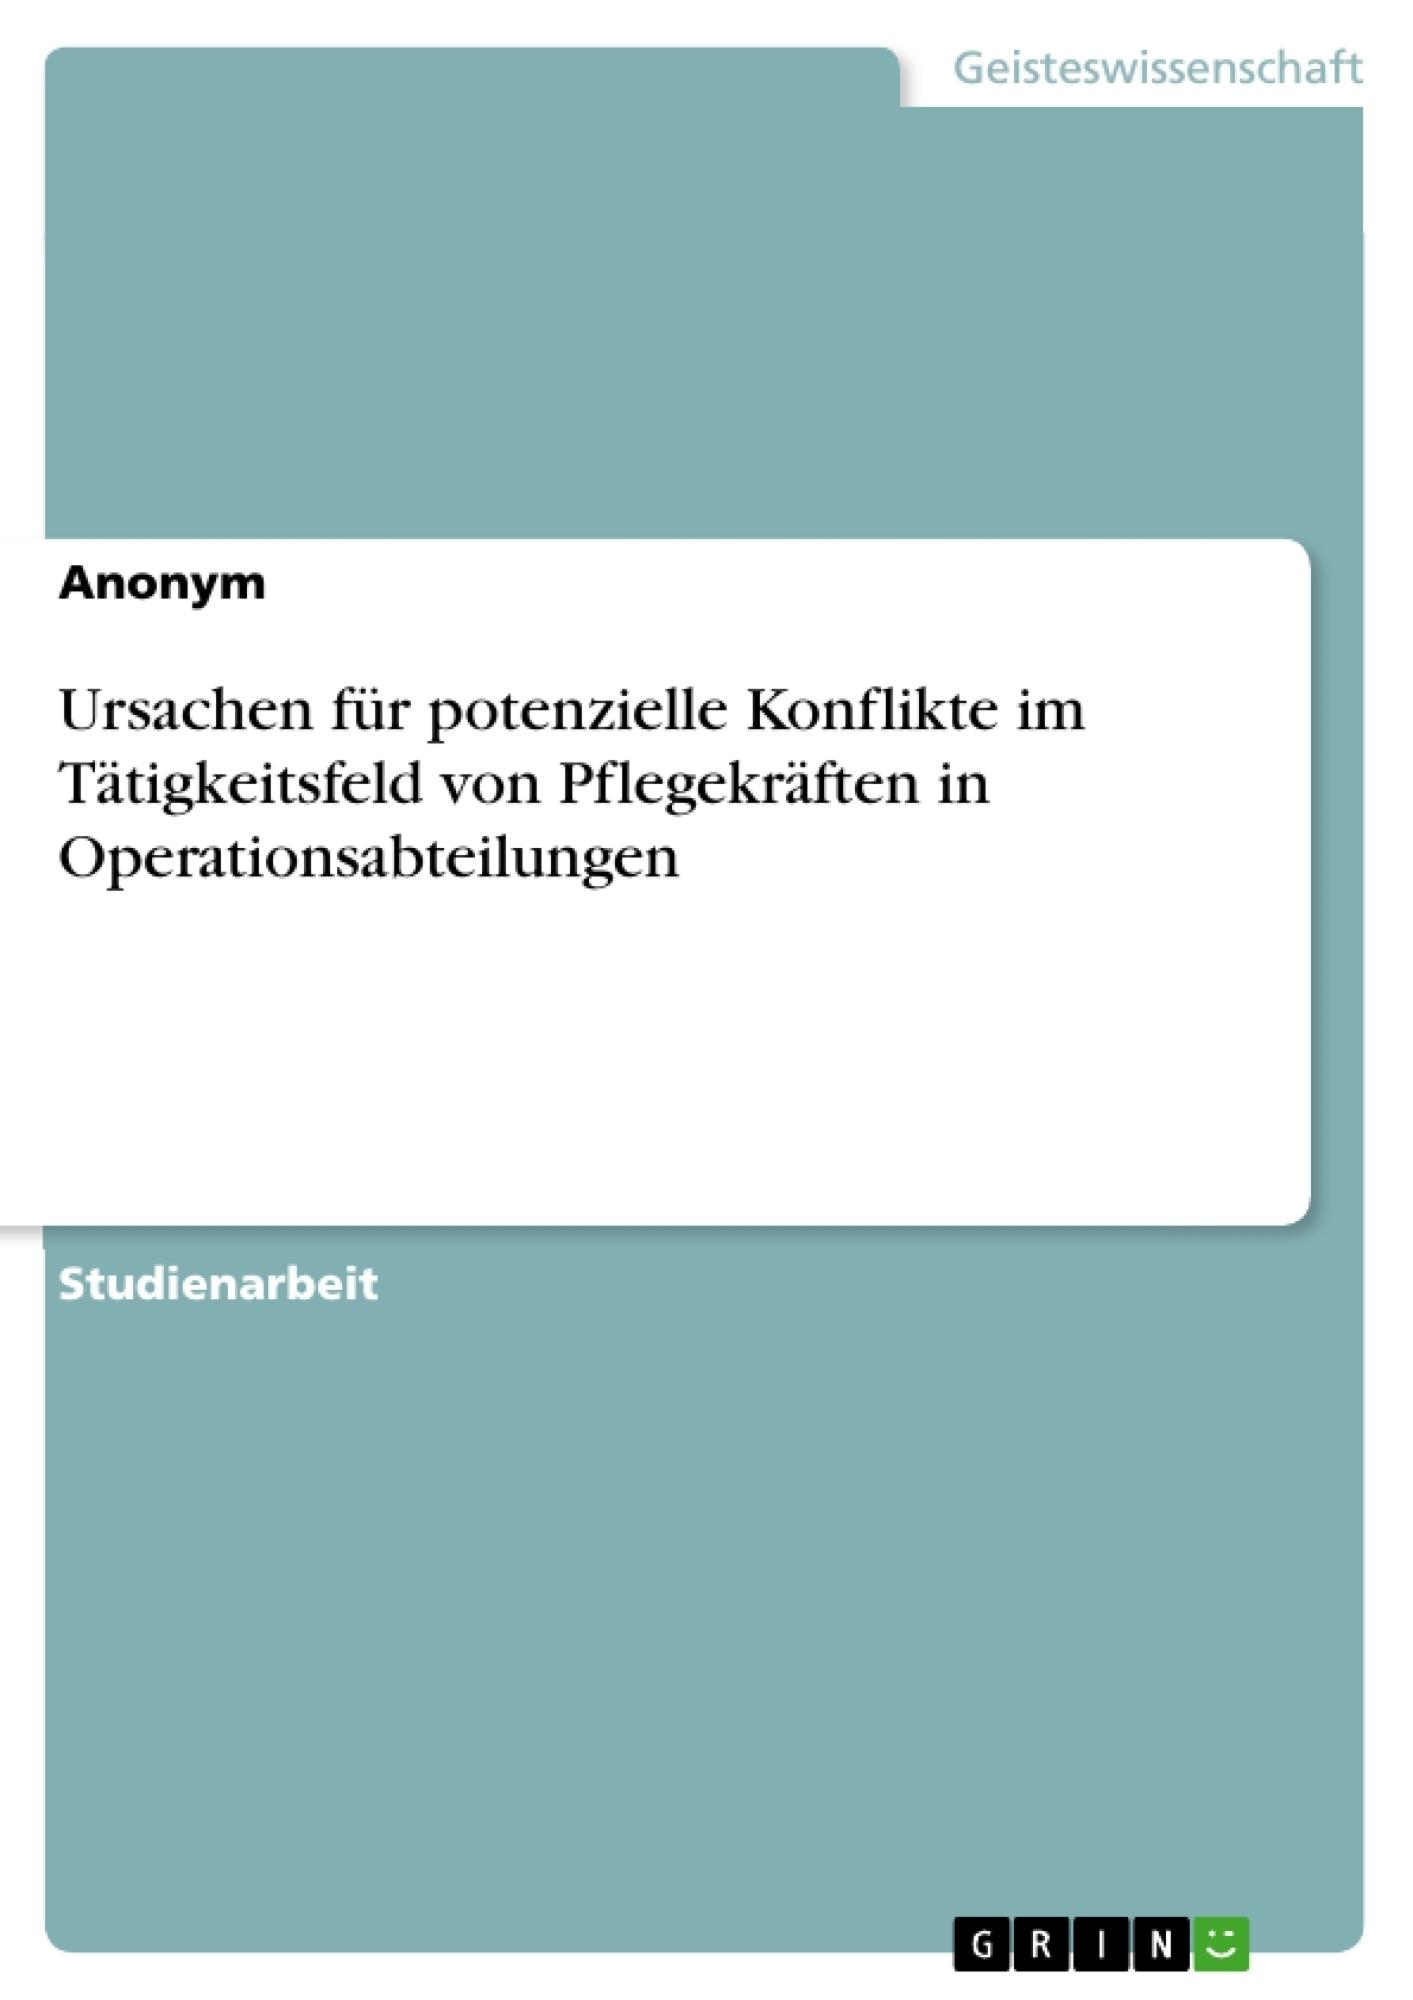 Titel: Ursachen für potenzielle Konflikte im Tätigkeitsfeld von Pflegekräften in Operationsabteilungen